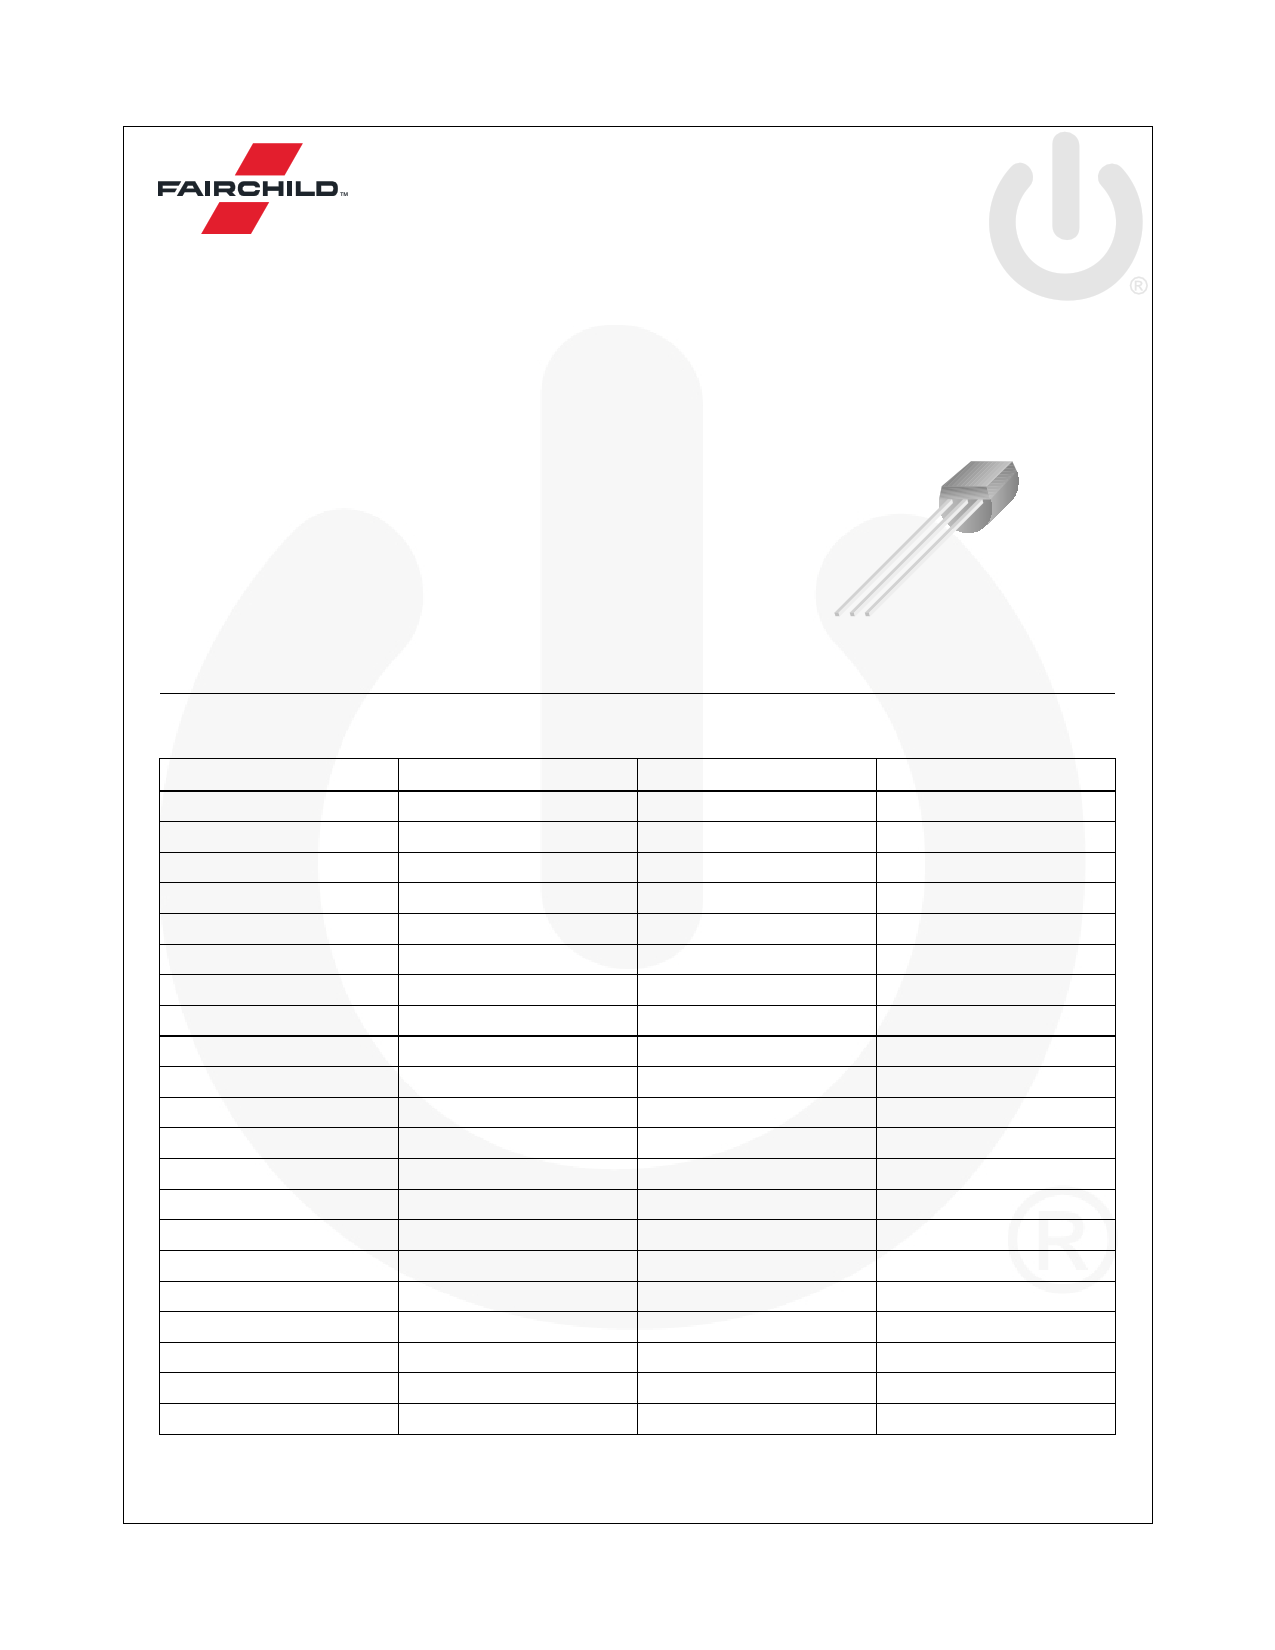 BC548 datasheet image